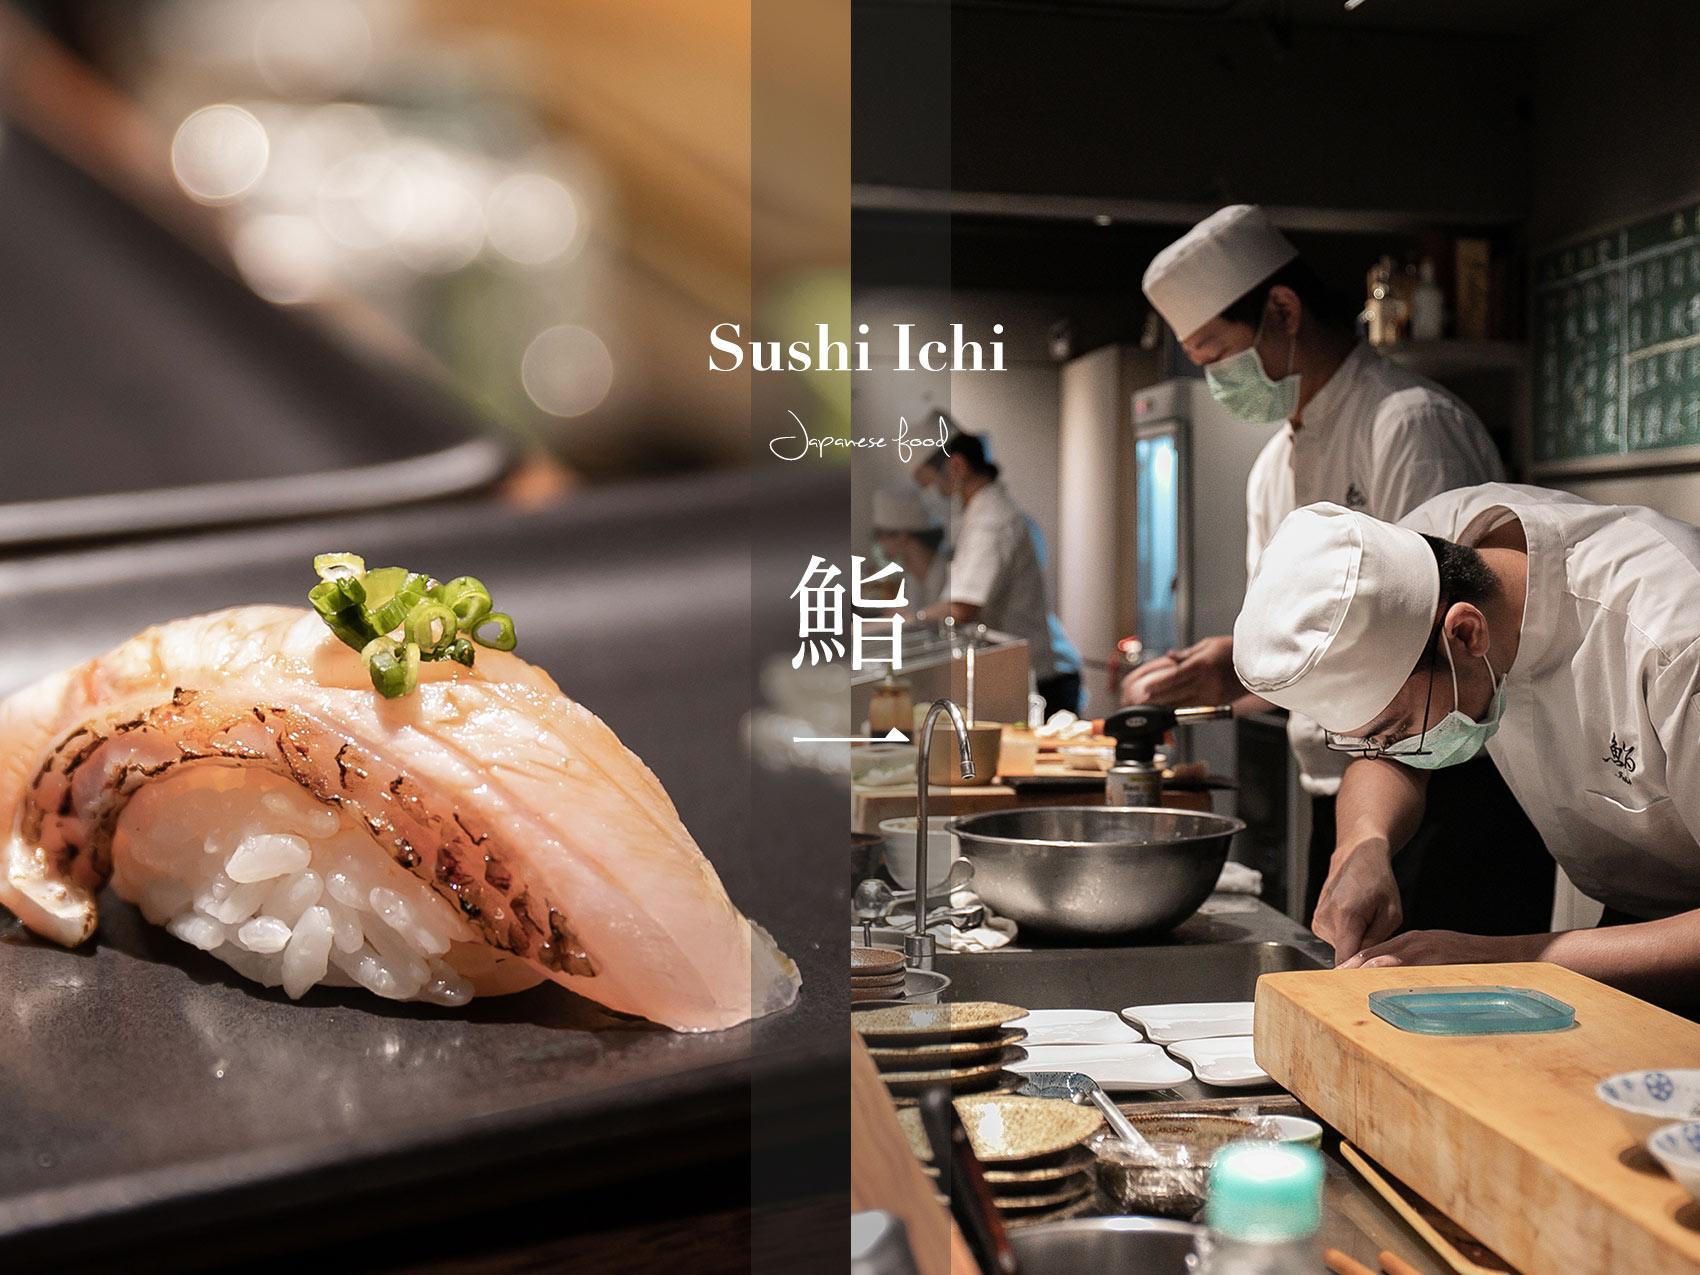 鮨一日本料理Sushi Ichi|日式吧台區的細緻無菜單料理,使用頂級當季食材,高質量的握壽司、生魚片